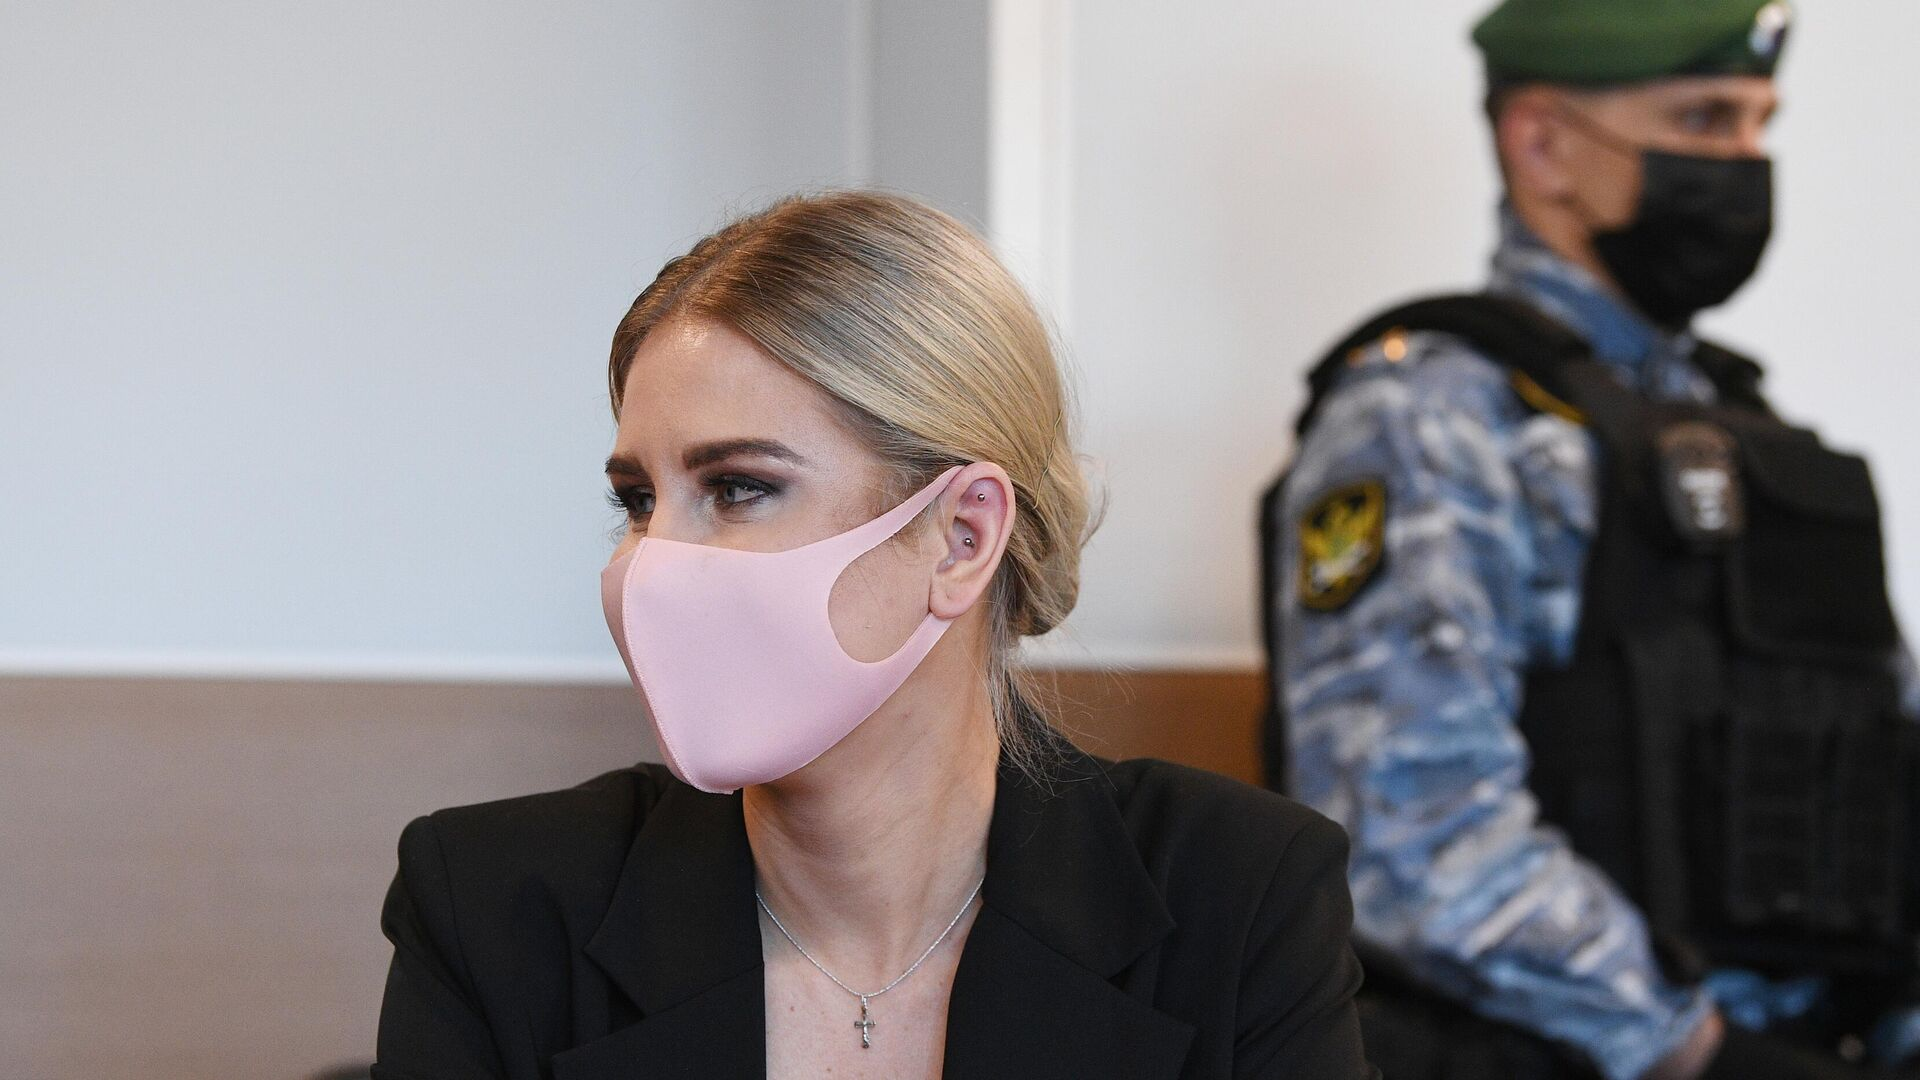 Суд над Соболь за незаконное проникновение в жилище отложили